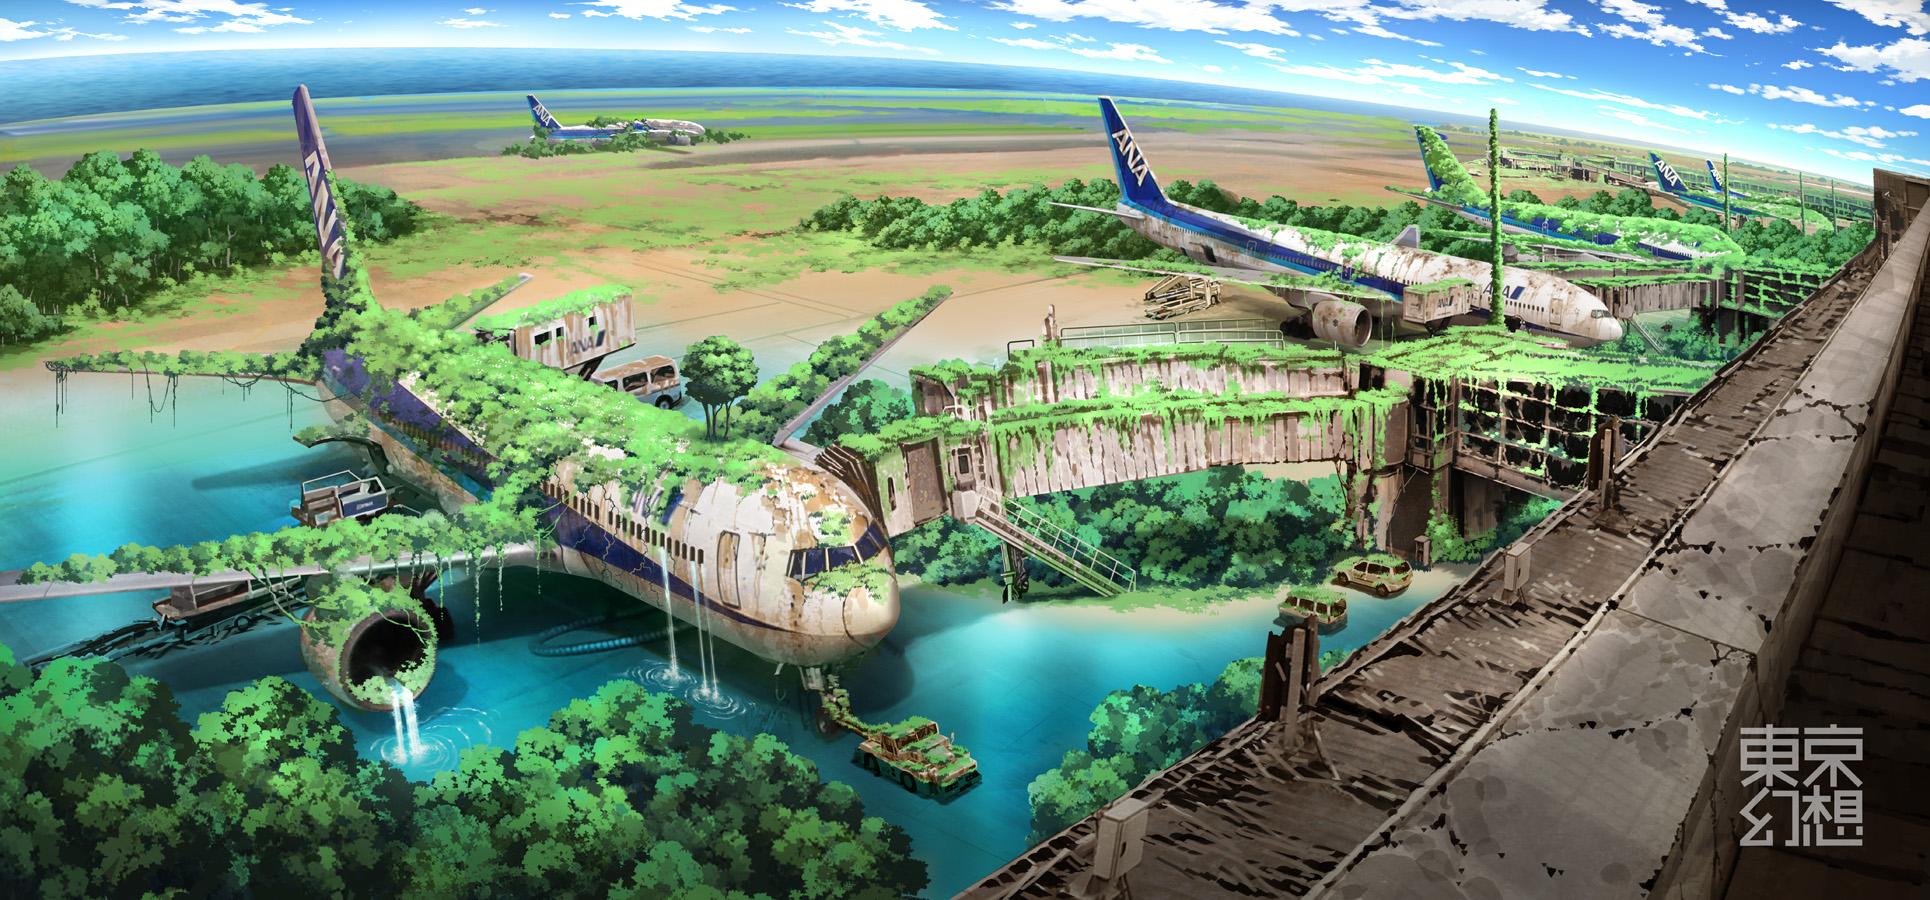 Ciencia Ficción - Escenario Apocalíptico  Bosque Hierba Agua Jet Airplane Airport Fondo de Pantalla